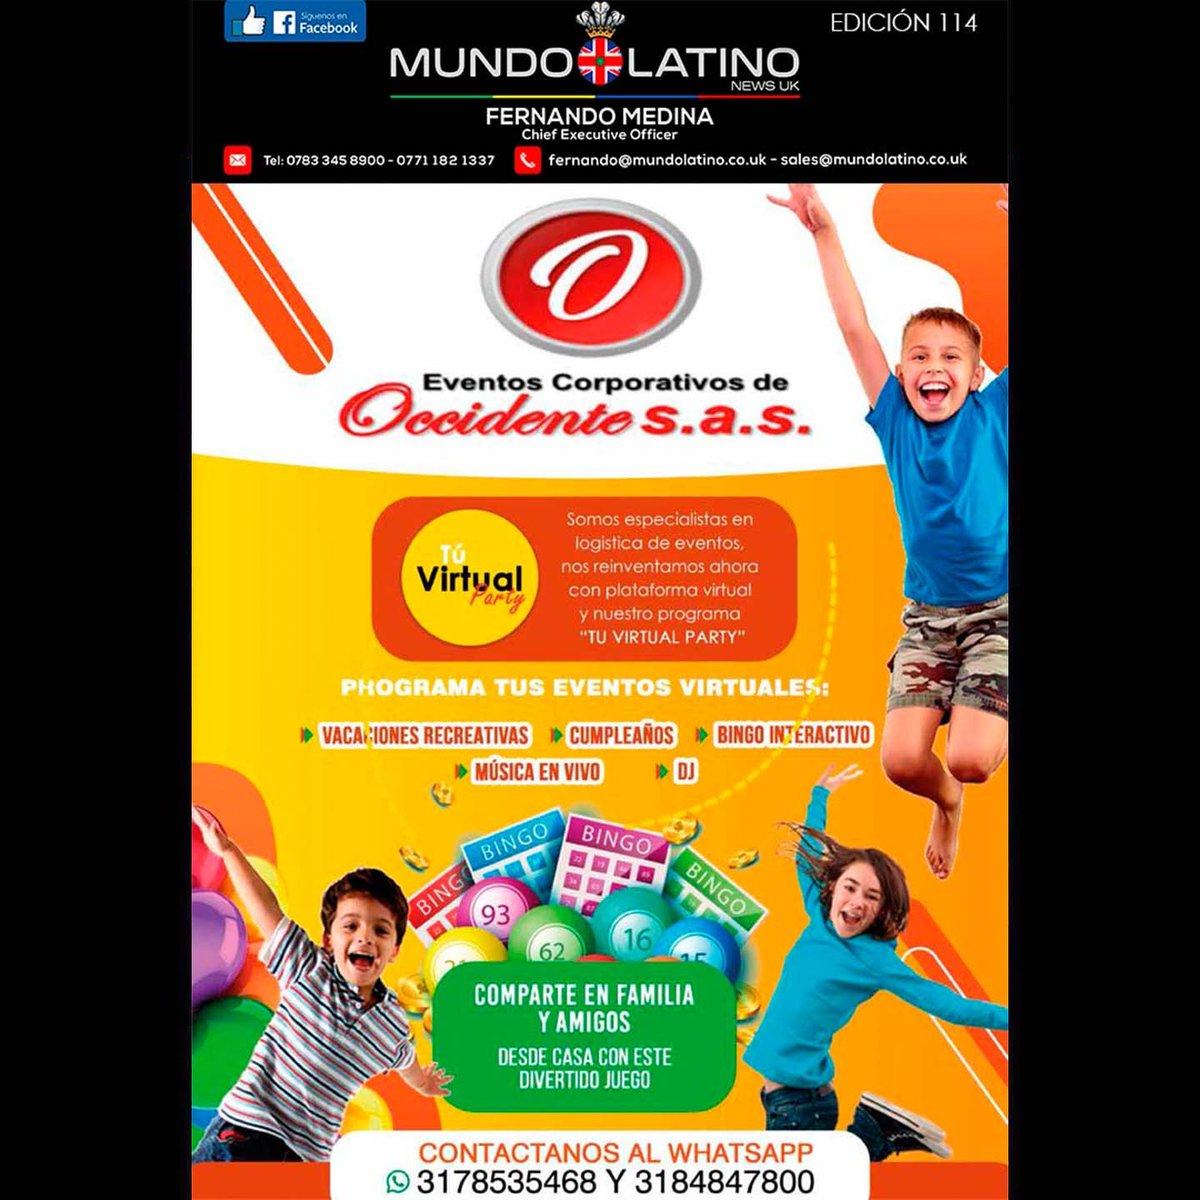 Eventos corporativos de Occidente s.a.s  #eventos #eventosvirtuales #vacaciones #bingo #musica #cumpleaños #colombia #MundoLatinoNewsUK https://t.co/oBb3yOq0LC